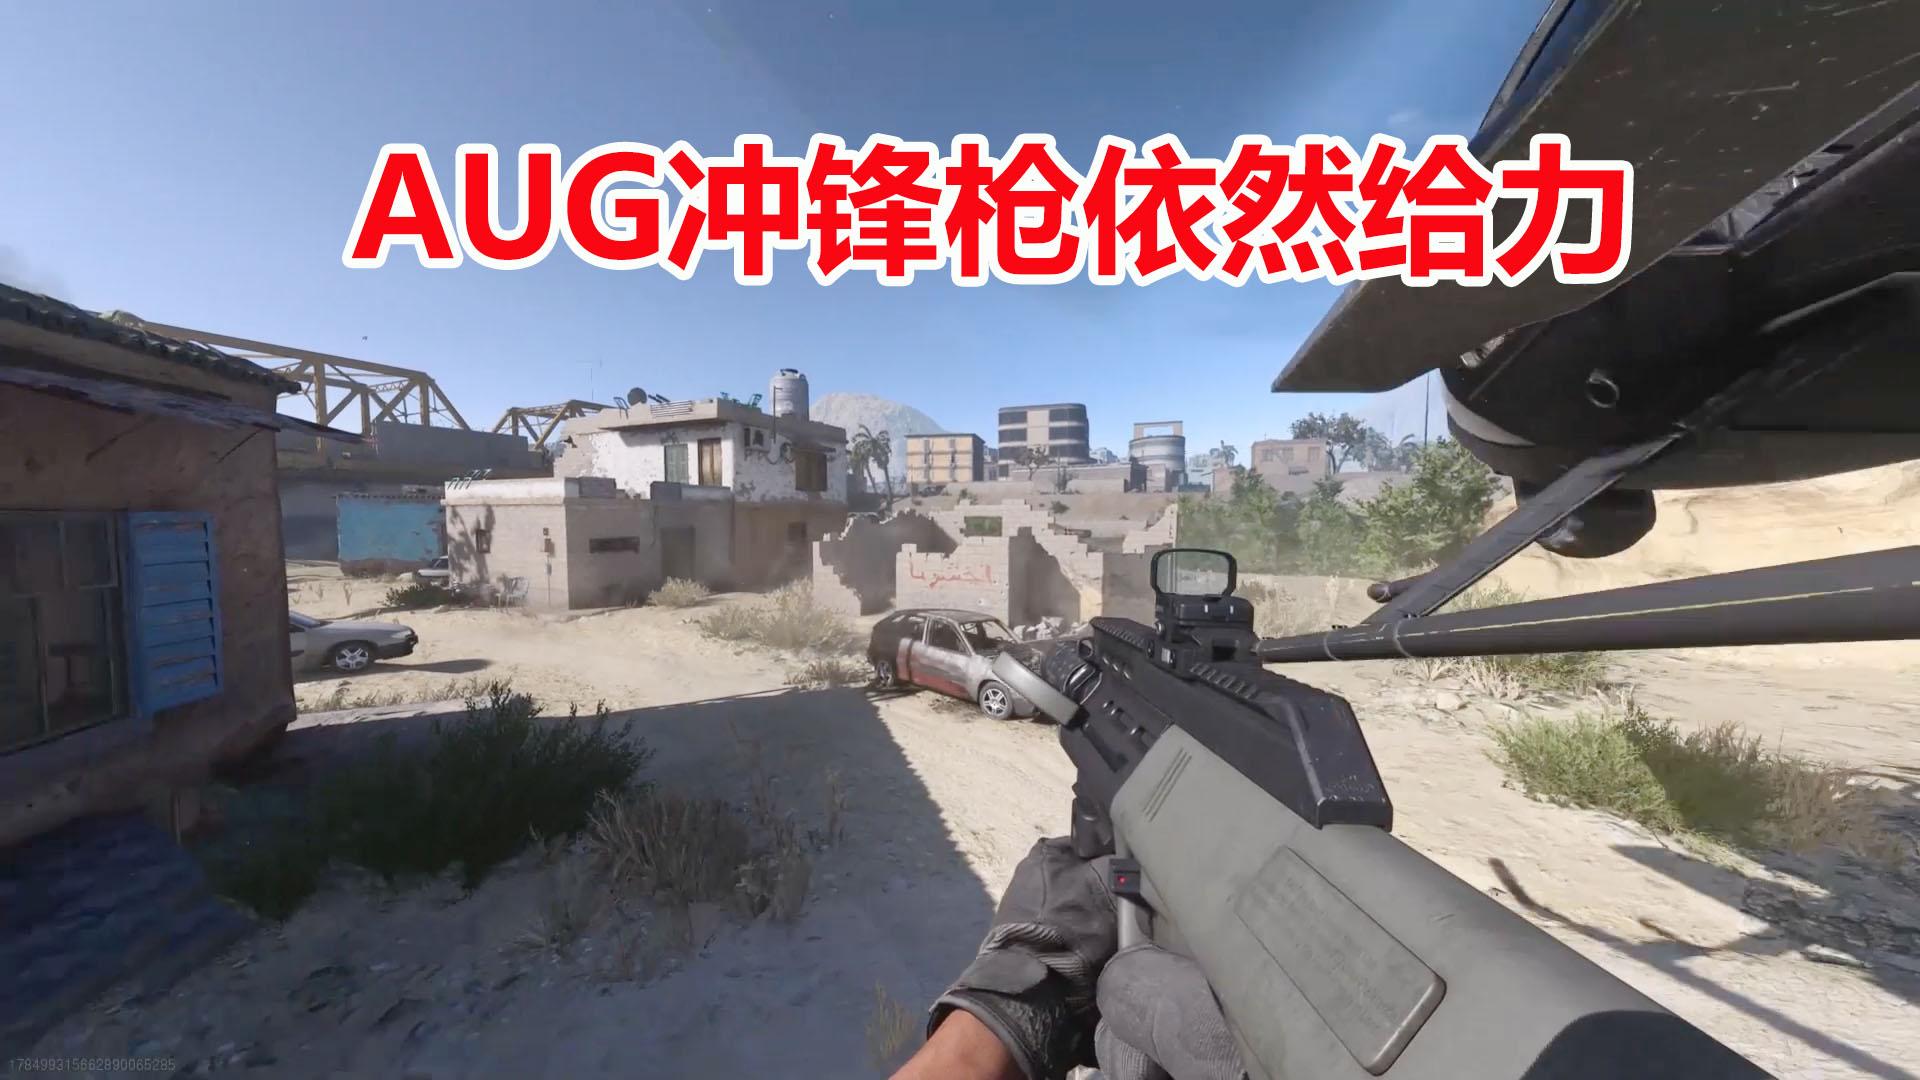 使命召唤16:也许AUG不是最好用的冲锋枪,但依然还是给力